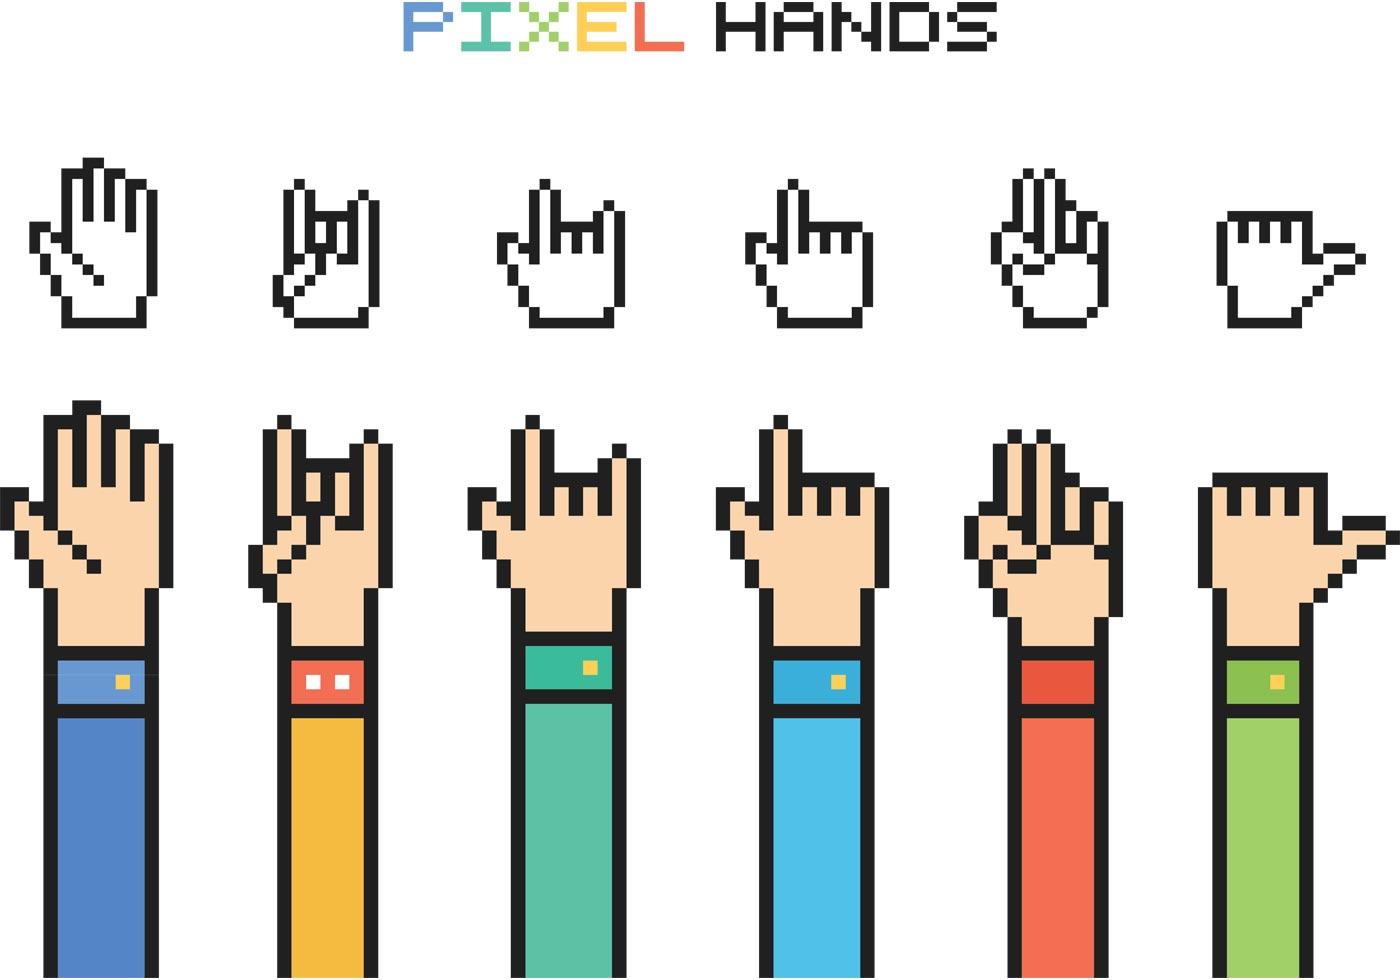 Free Vector Pixel Hands - Download Free Vector Art, Stock Graphics & Images